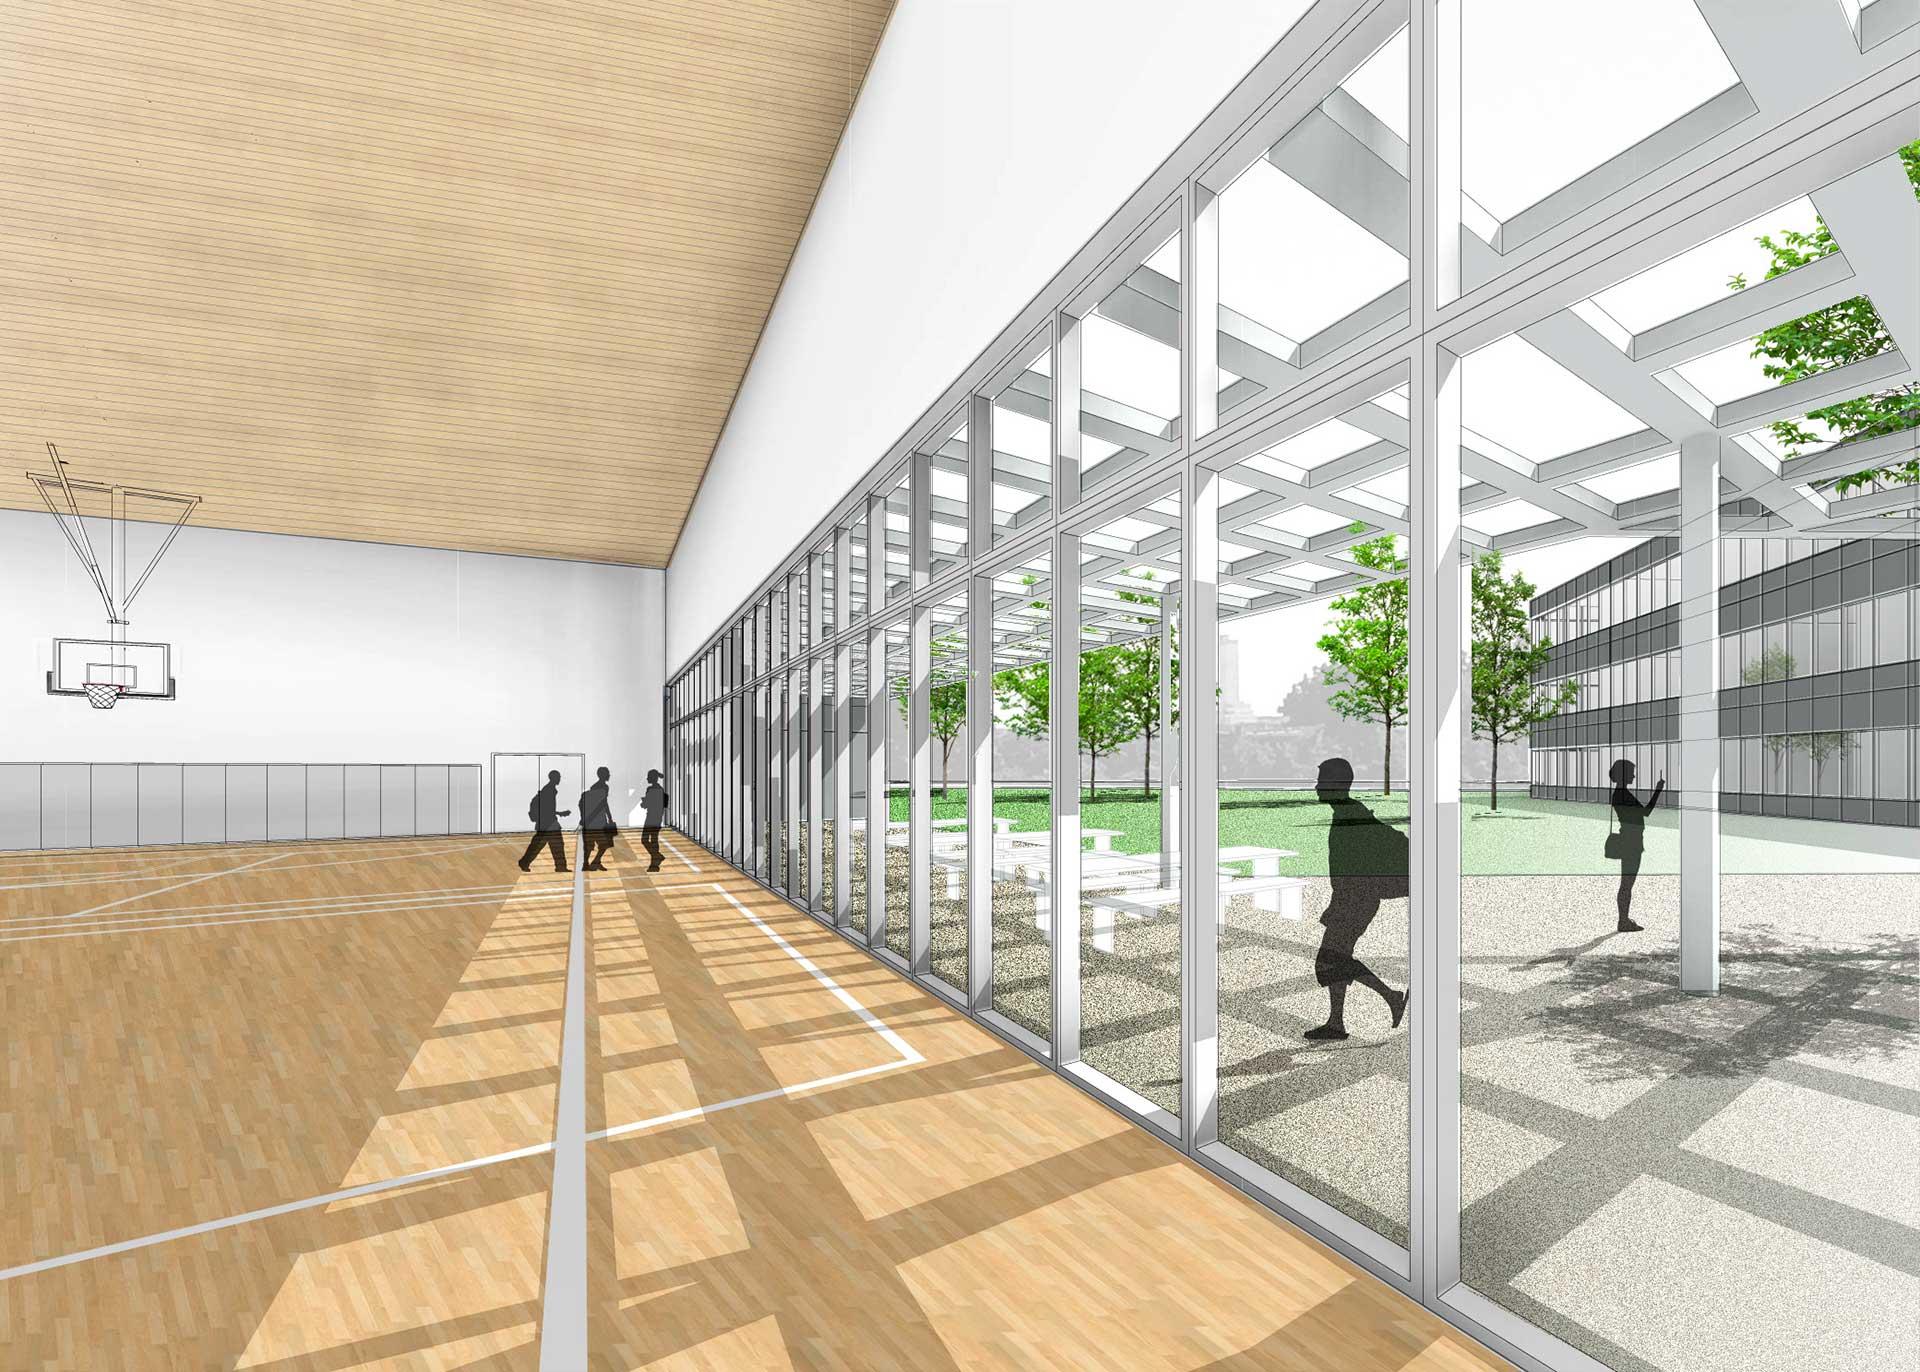 New Charter High School